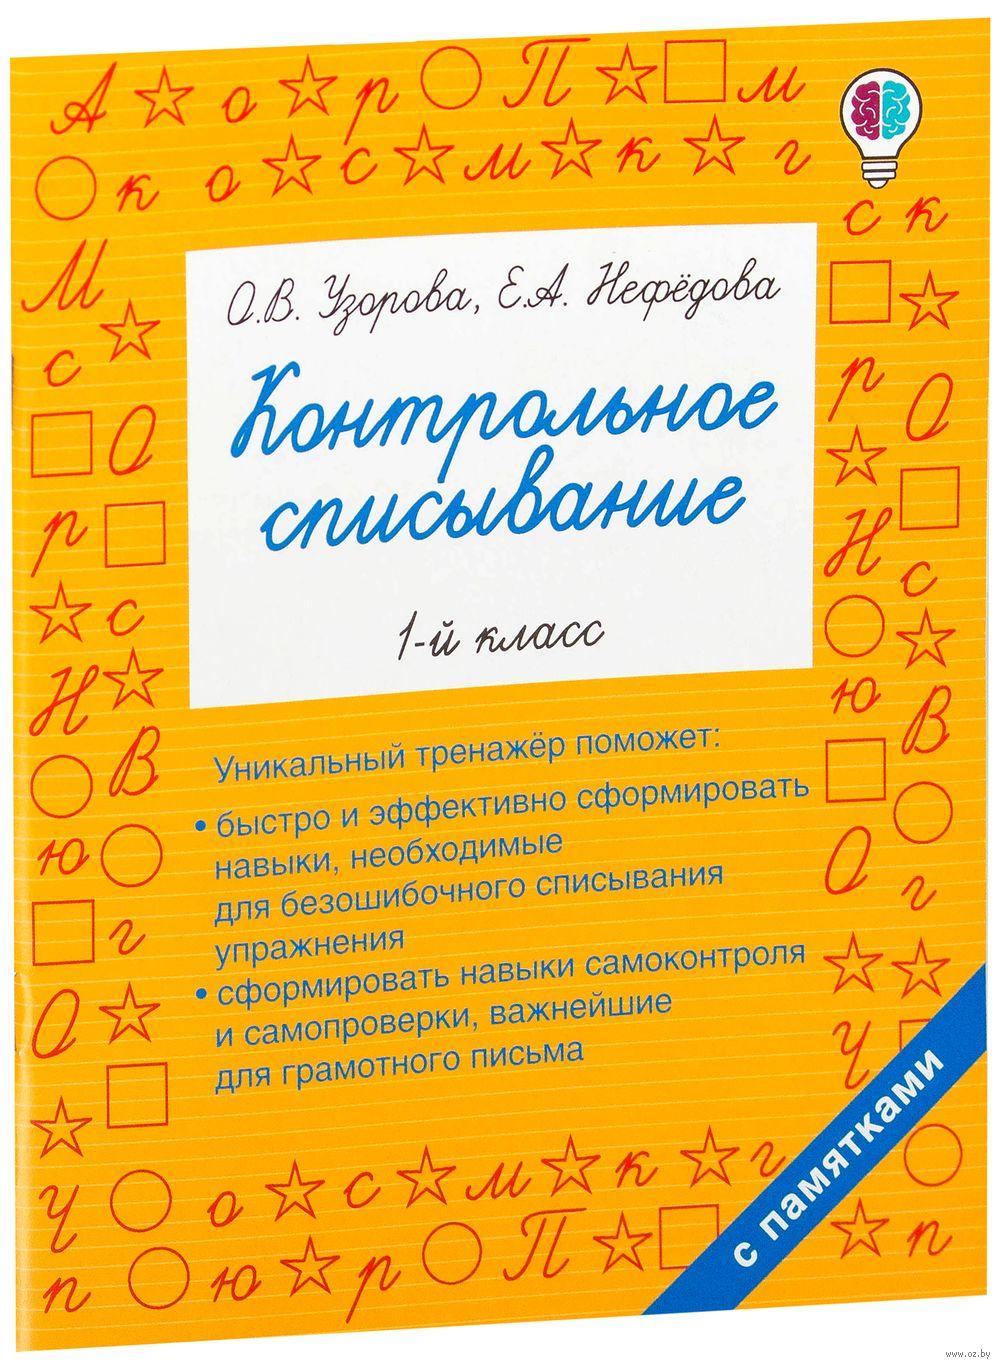 Контрольное списывание класс Елена Нефедова Ольга Узорова  Контрольное списывание 1 класс фото картинка